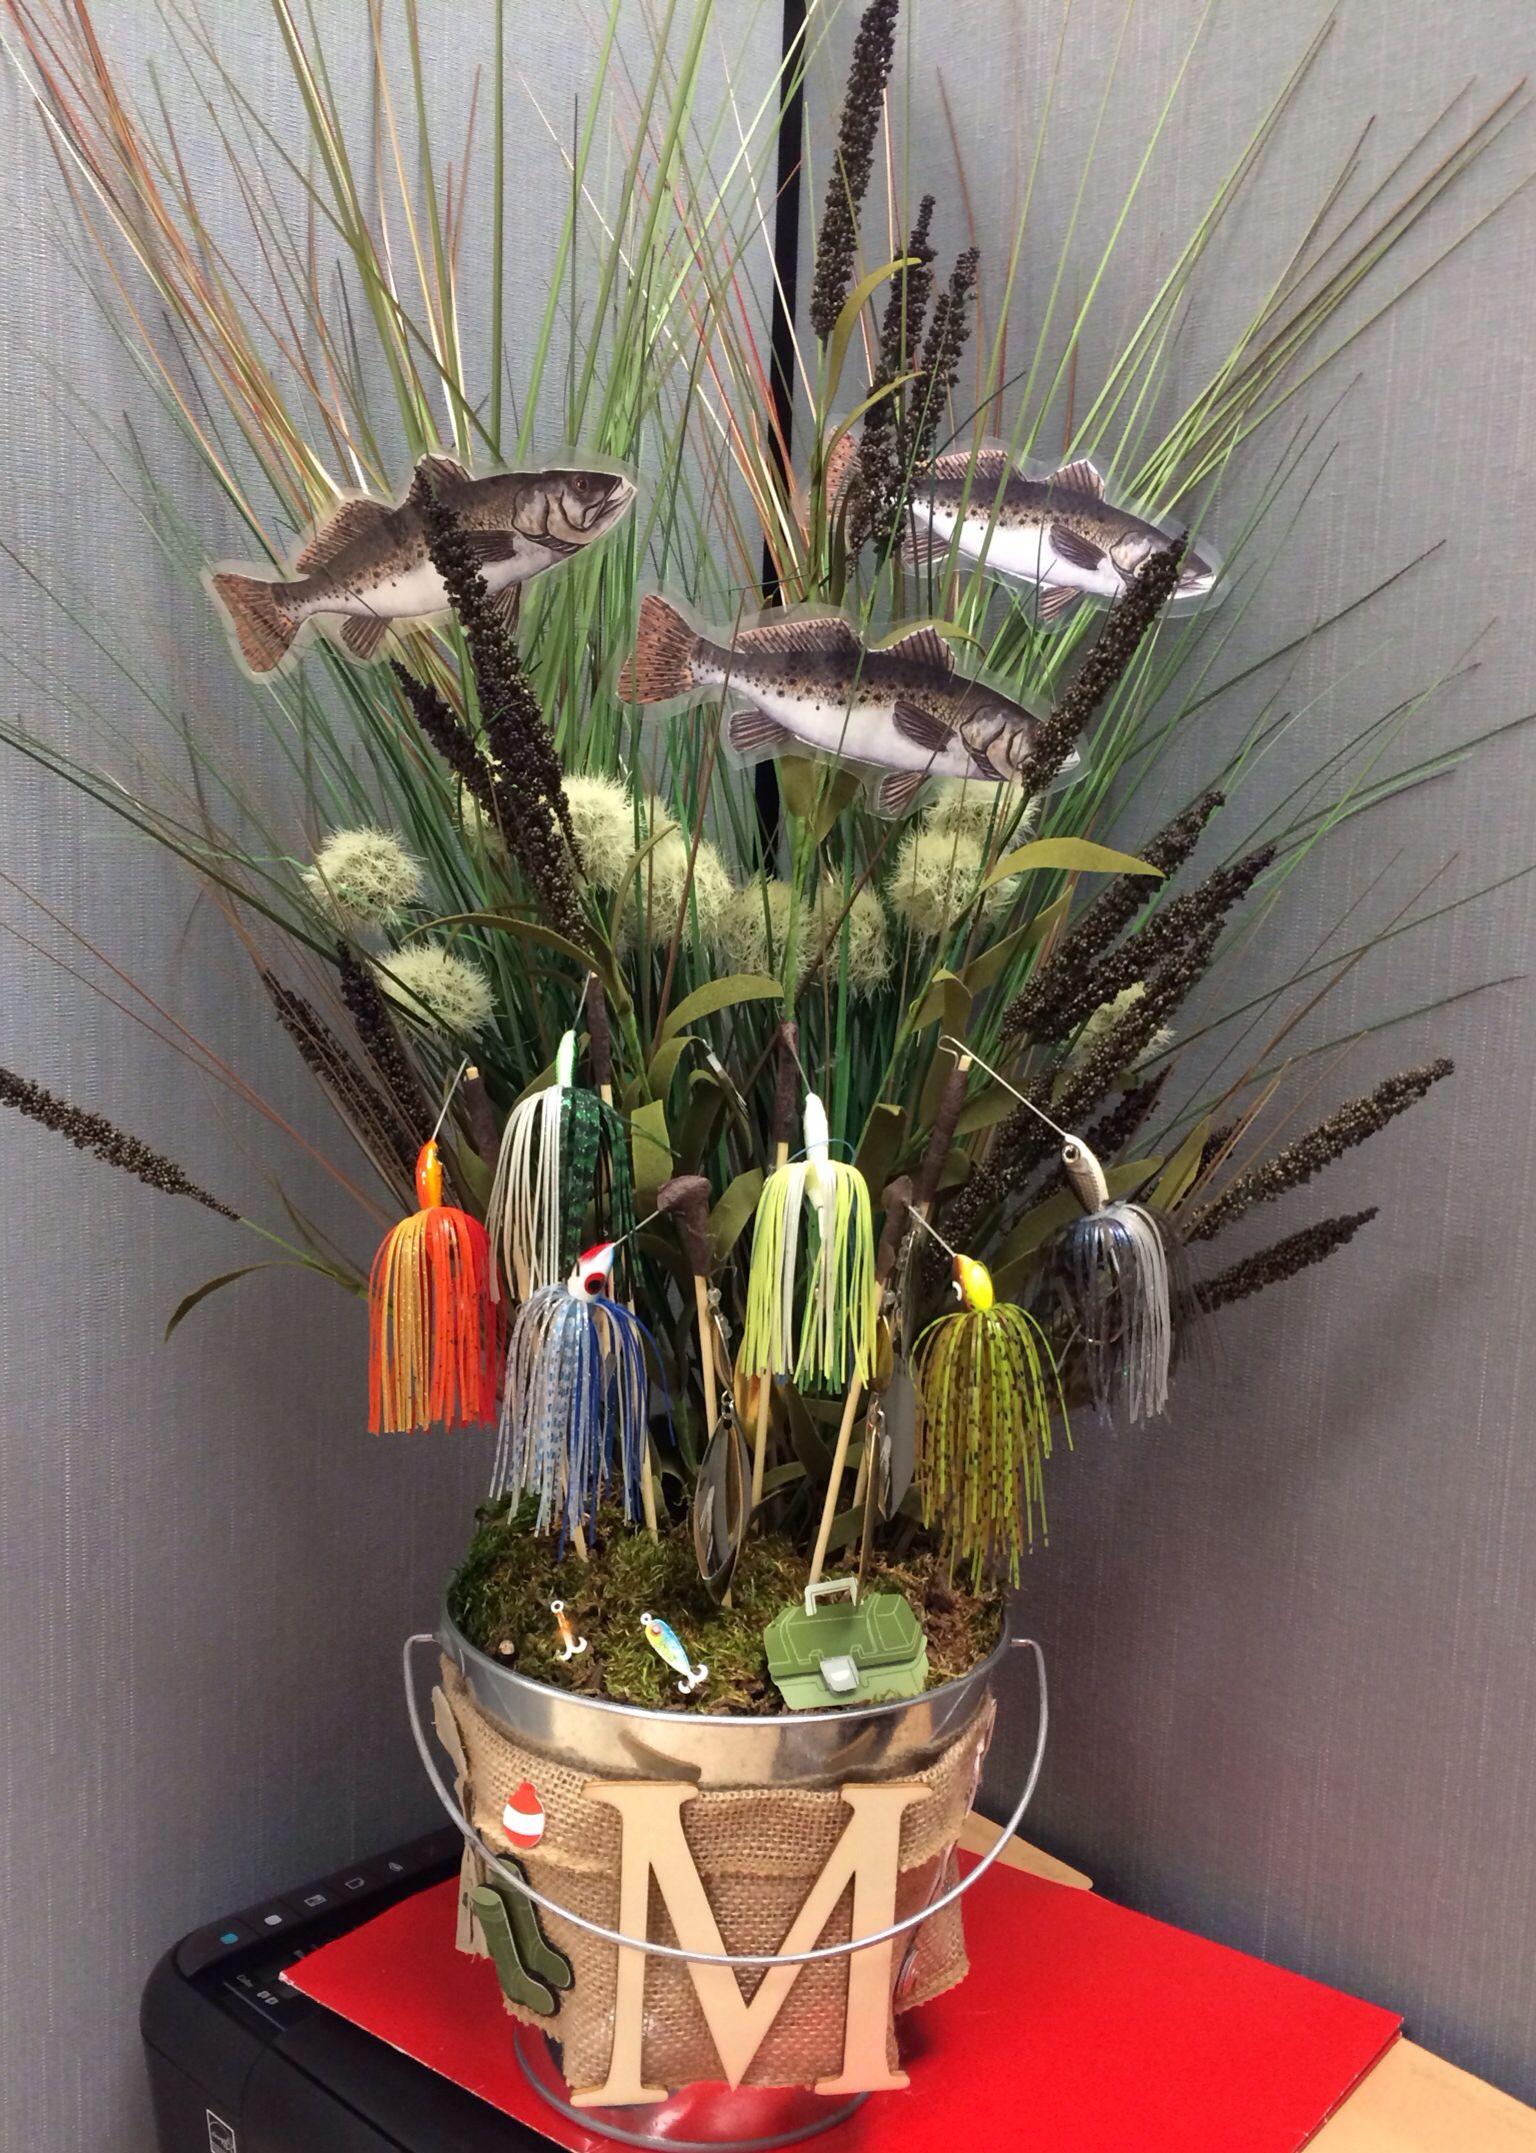 Fisherman gift basket i made using real fishing lures